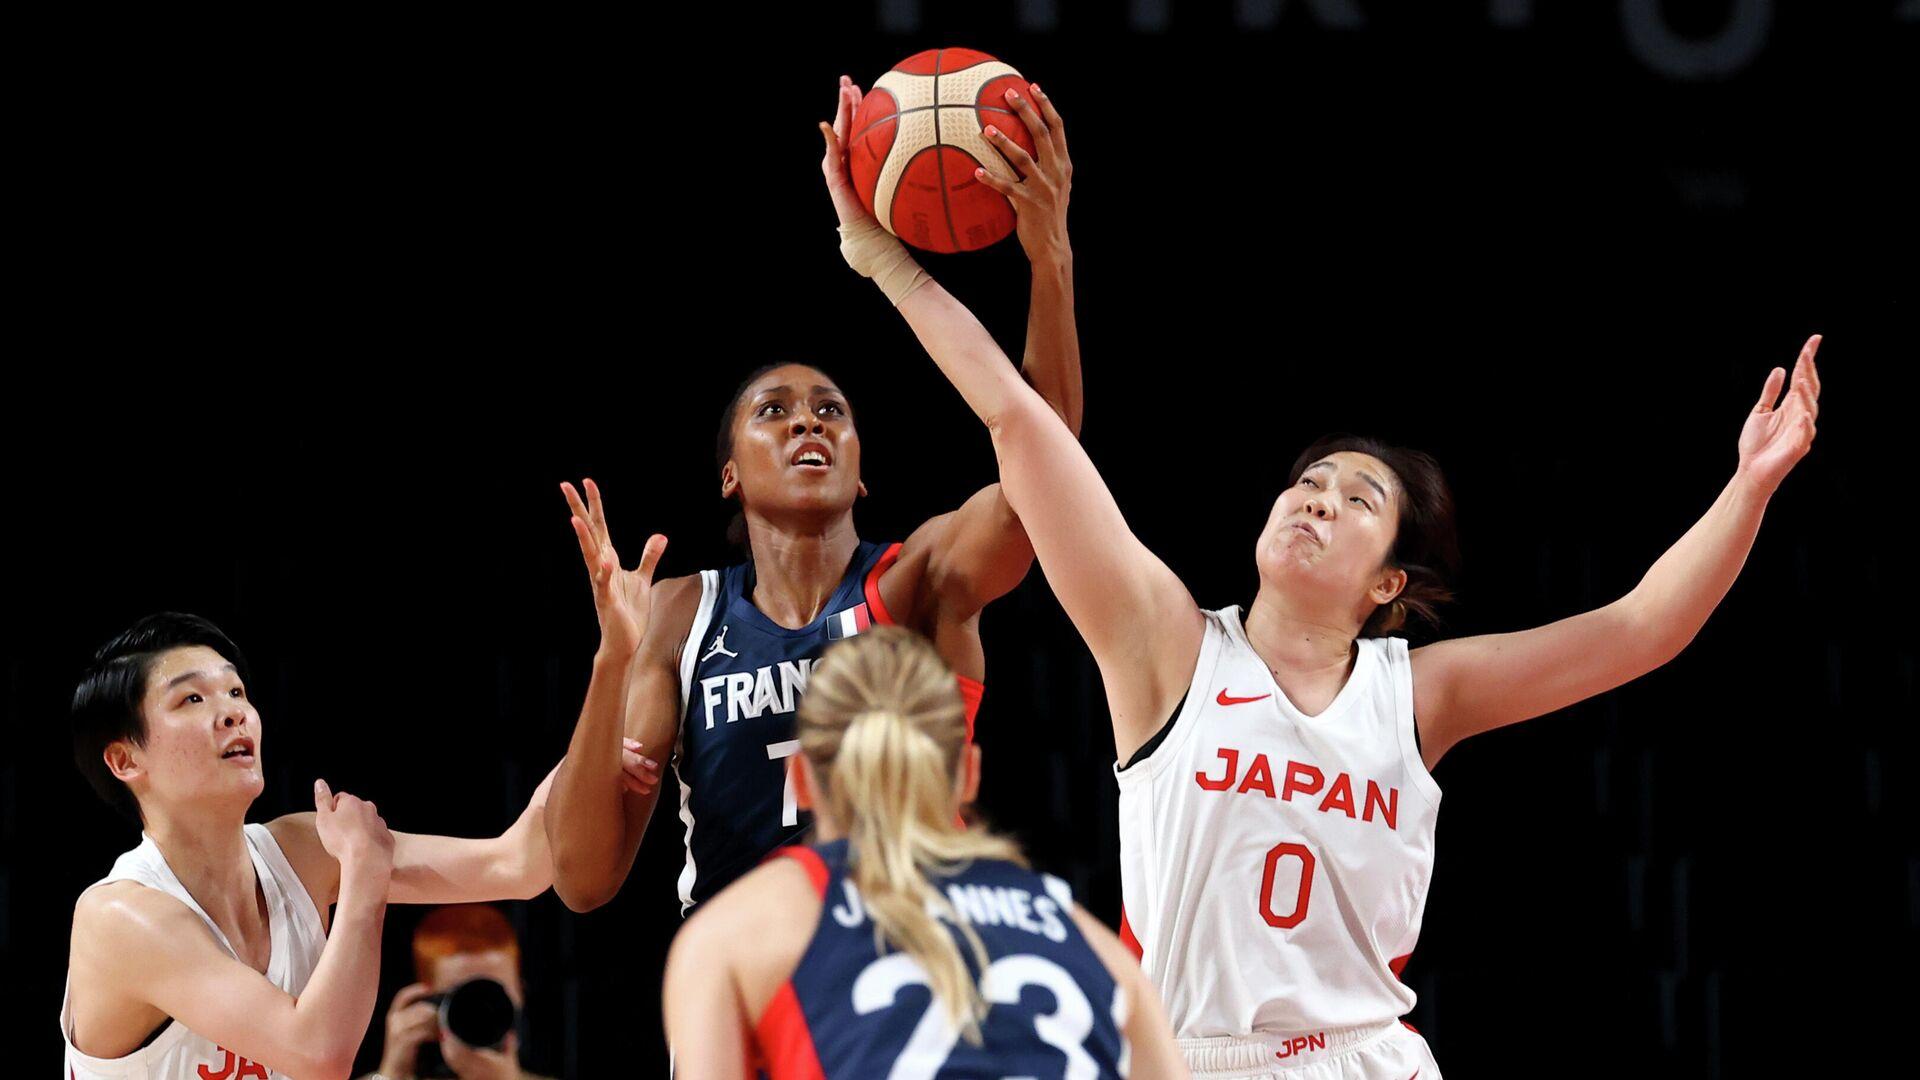 Матч между баскетбольными сборными Японии и Франции на Олимпиаде в Токио - РИА Новости, 1920, 27.07.2021